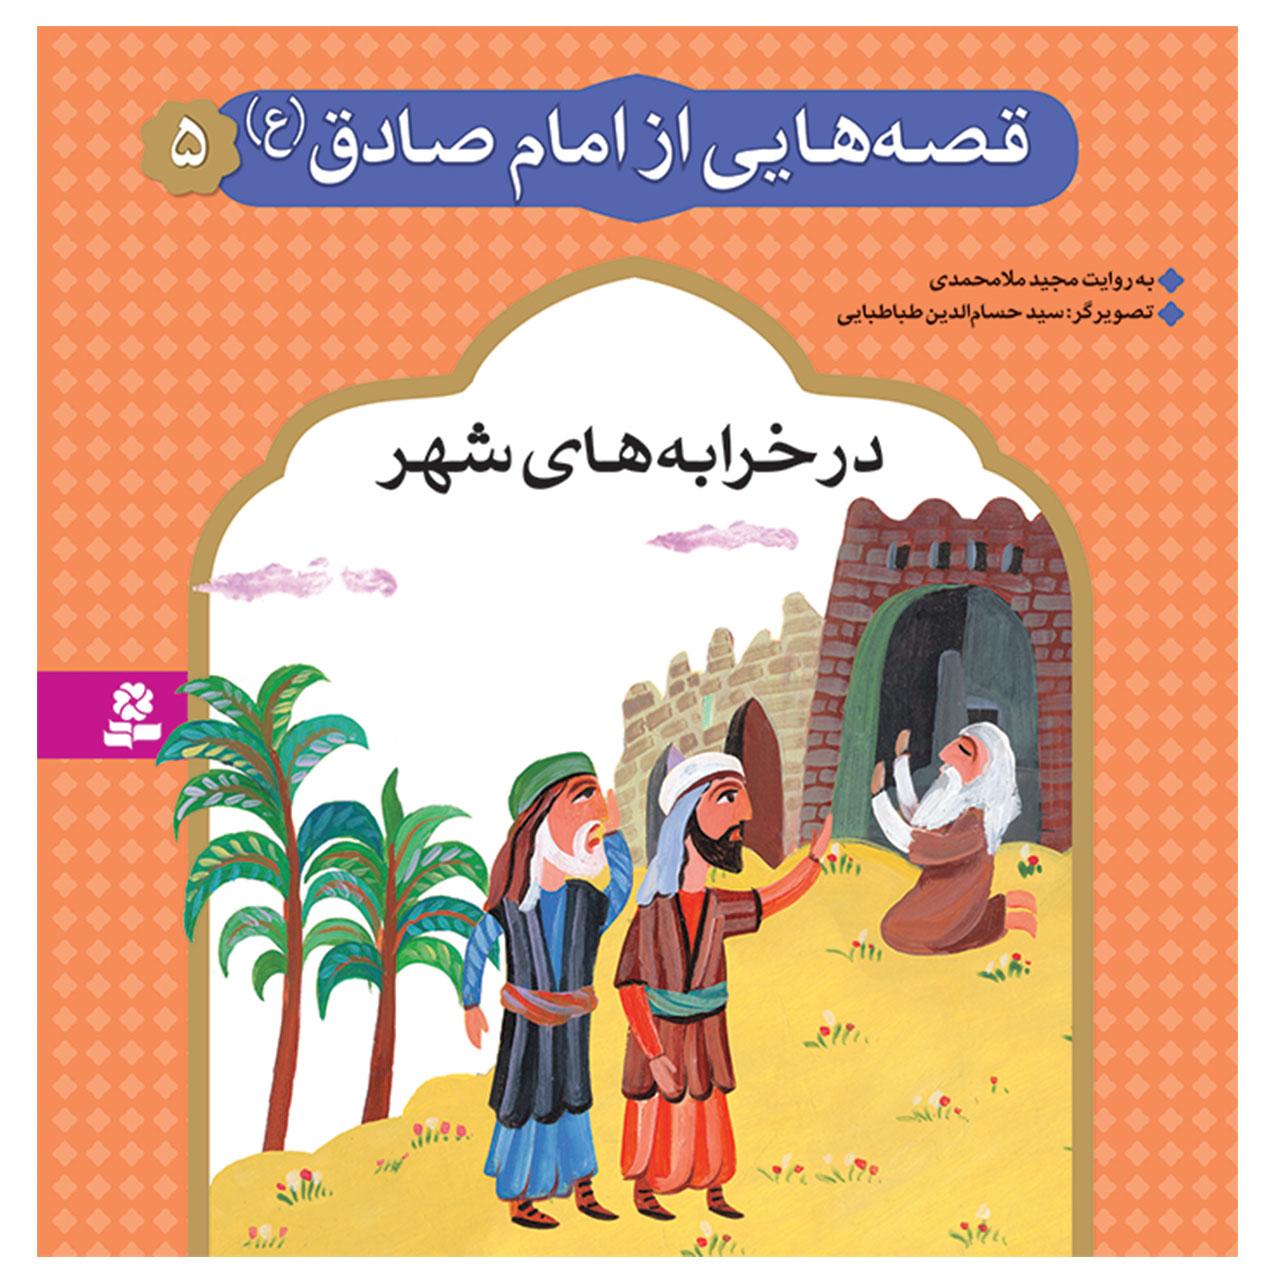 خرید                      کتاب قصه هایی از امام صادق (ع) 5 در خرابه های شهر اثر مجید ملامحمدی انتشارات قدیانی